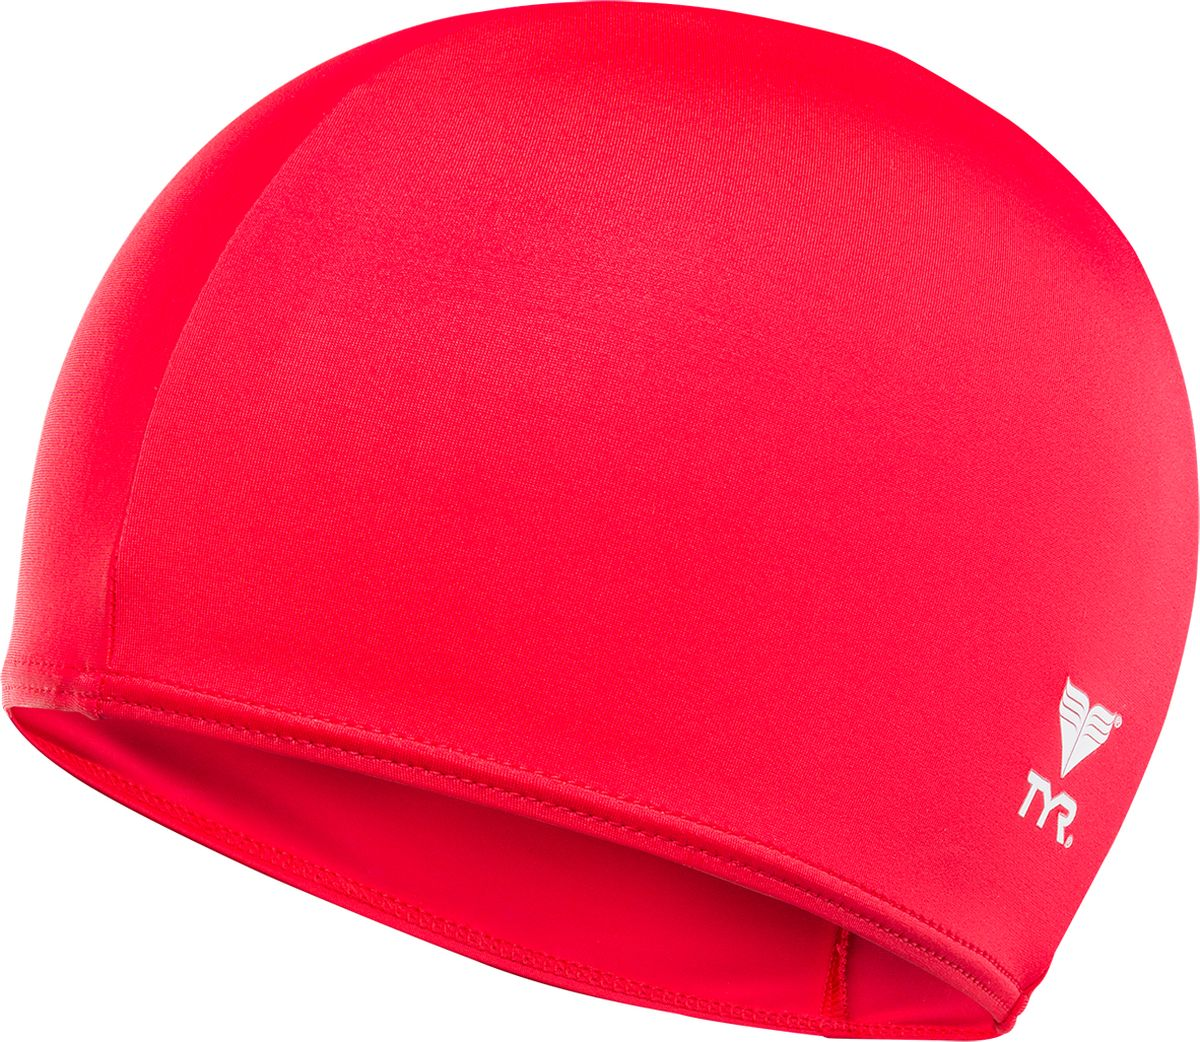 Шапочка для плавания TYR Solid Lycra Cap, цвет: красный. LCY шапочка для плавания tyr tyr ty003duxit11